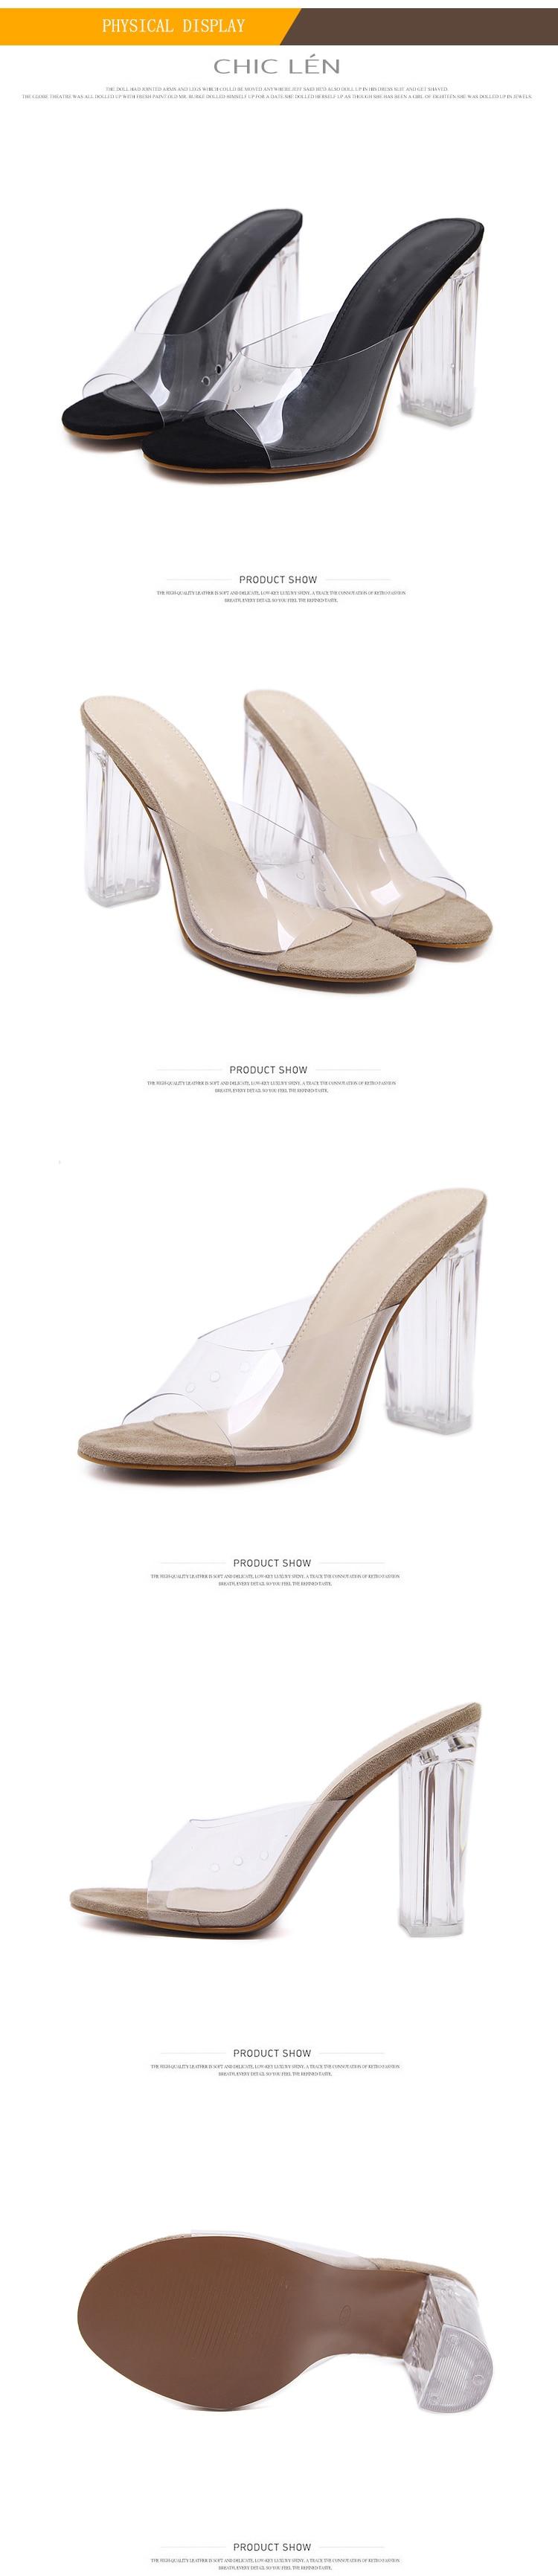 HTB1bfzVowDD8KJjy0Fdq6AjvXXaR Aneikeh New Women Sandals PVC Crystal Heel Transparent Women Sexy Clear High Heels Summer Sandals Pumps Shoes Size 41 42